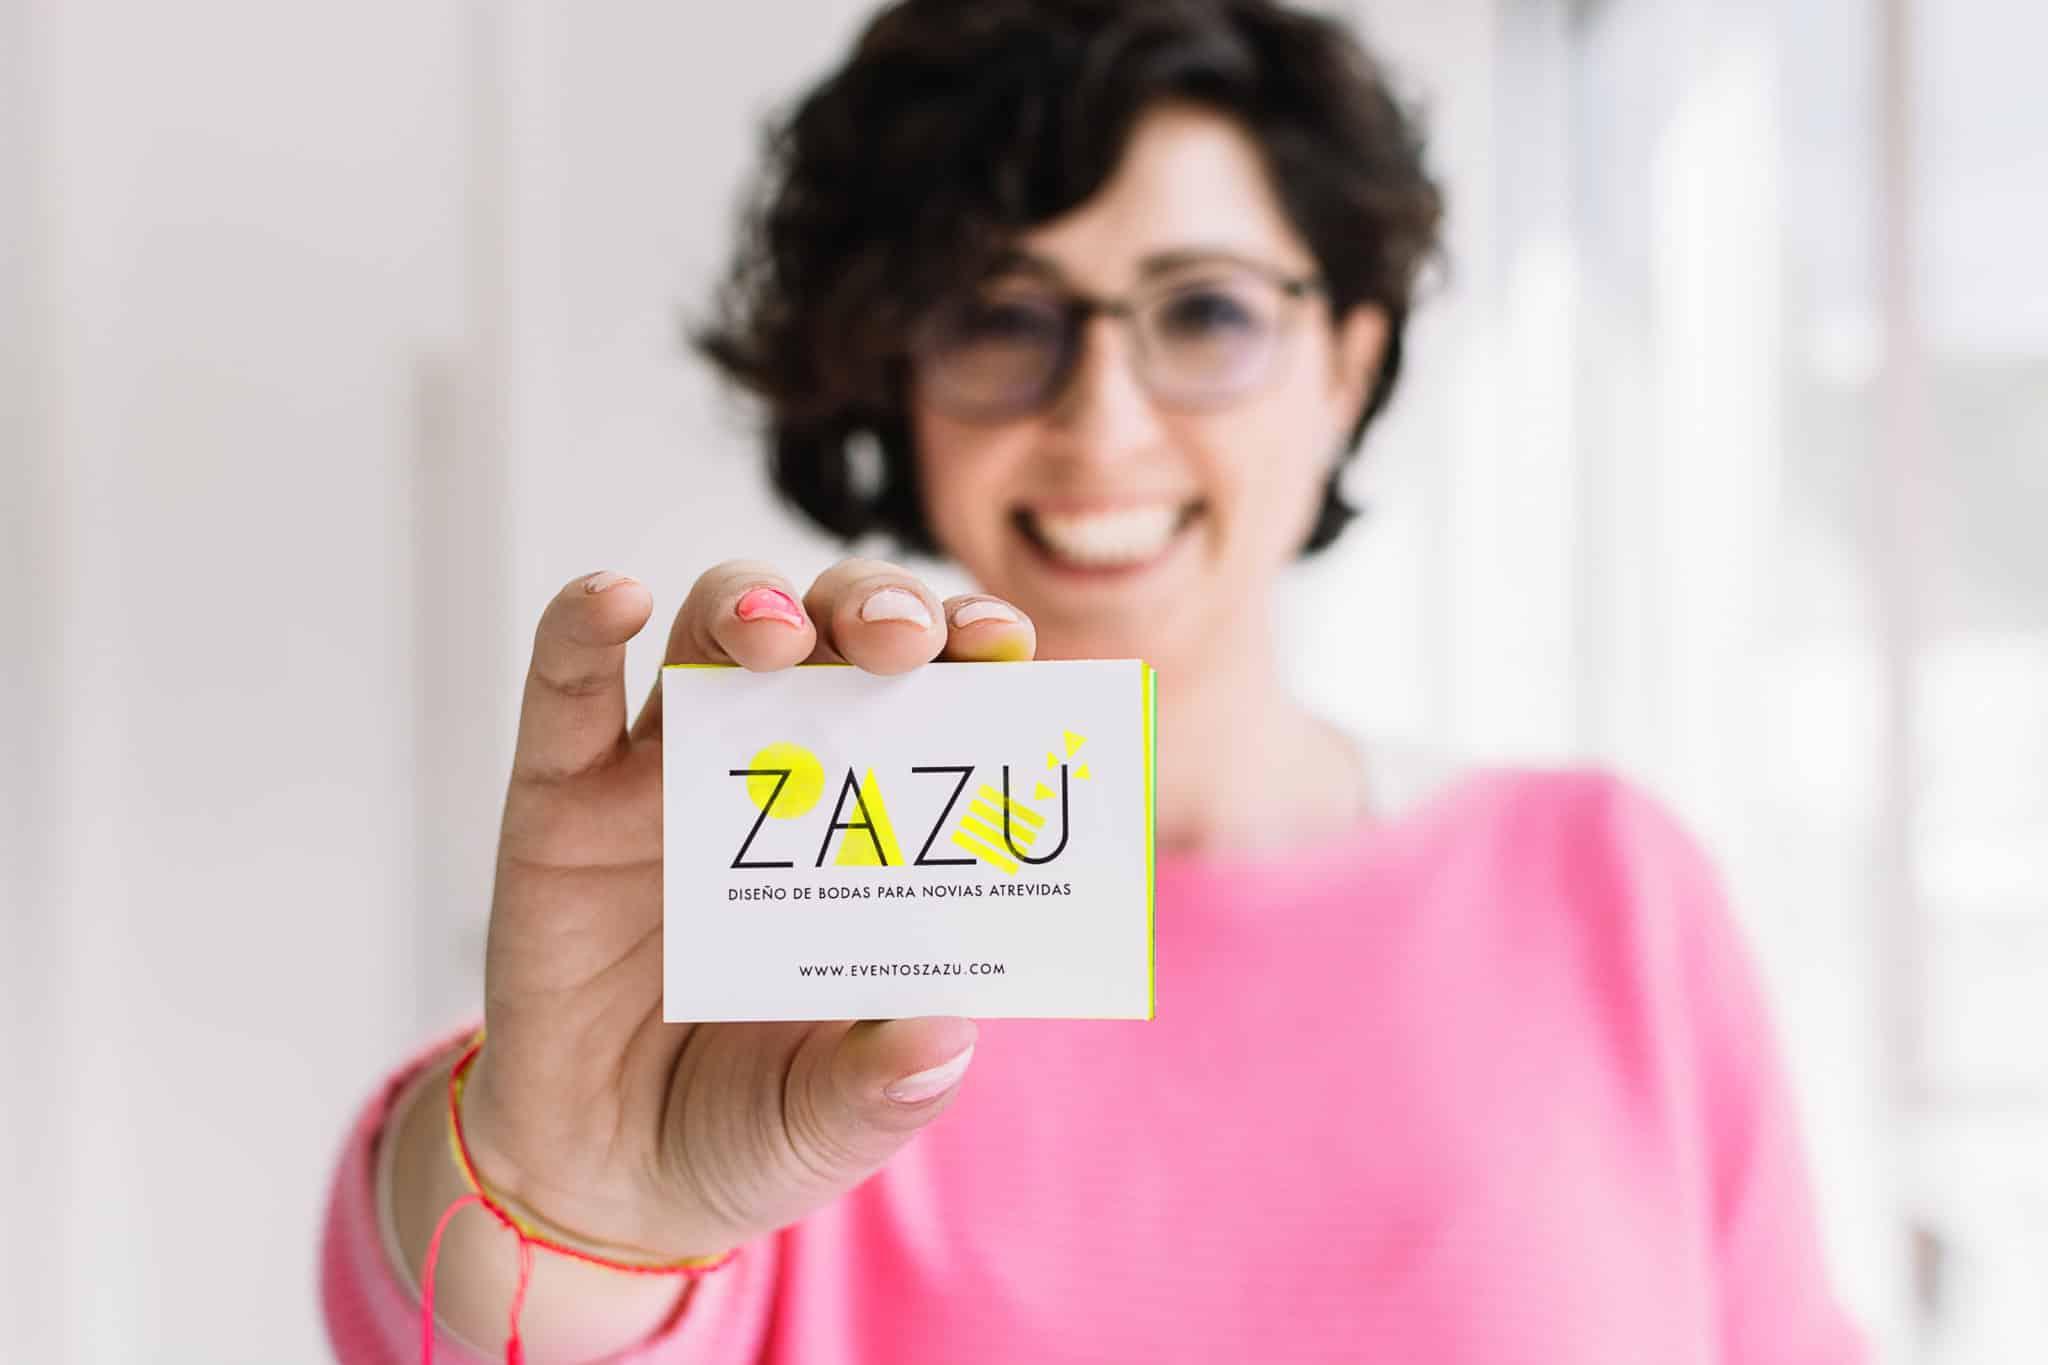 Arancha de Eventos ZAZU mostrando su nuevas tarjetas corporativas con una gran sonrisa.